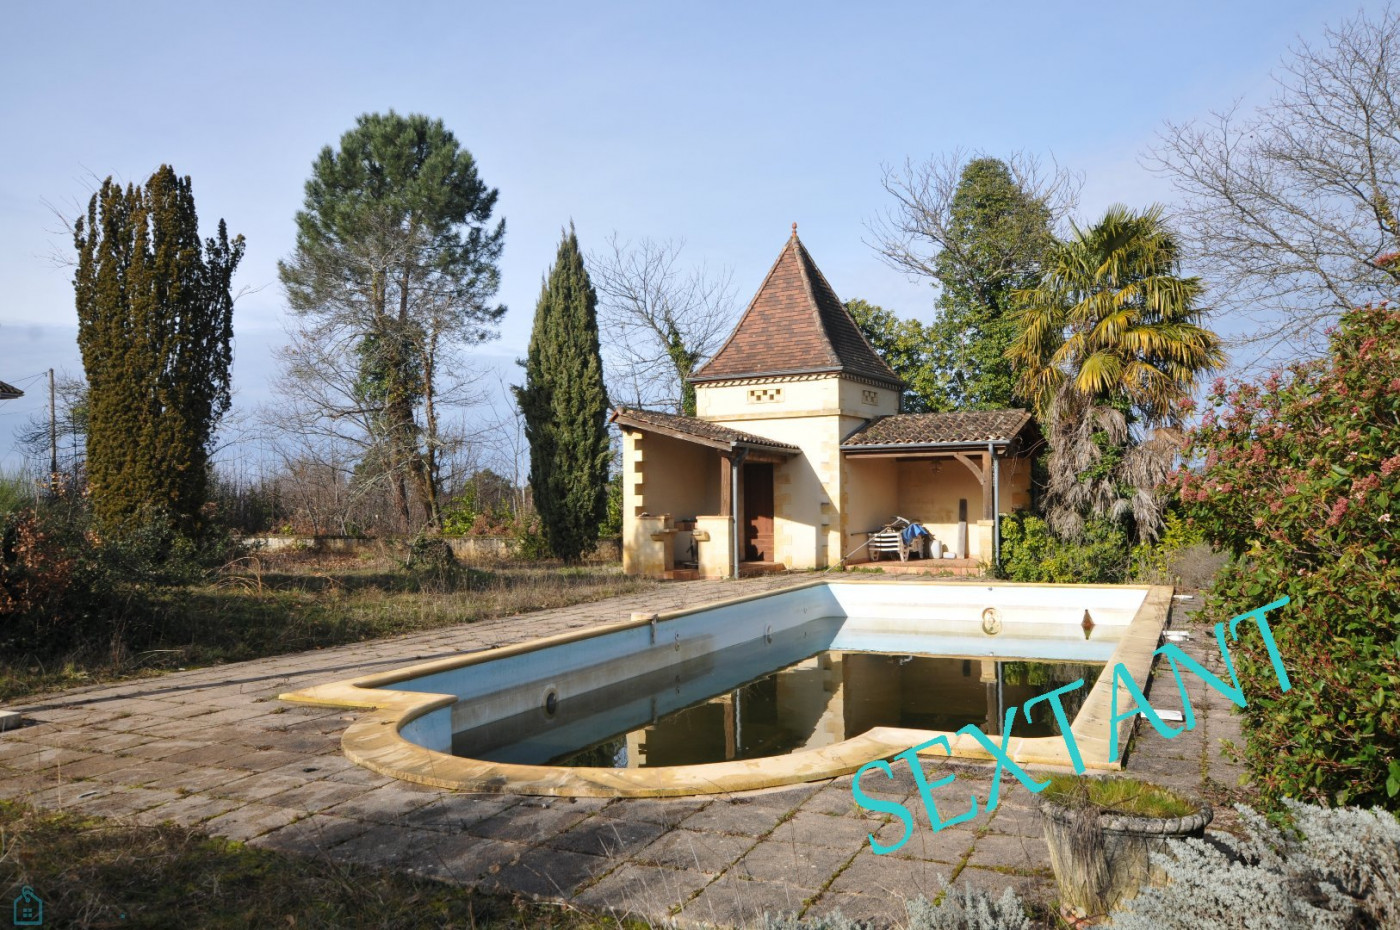 A vendre  Sarlat La Caneda | Réf 75011106320 - Sextant france